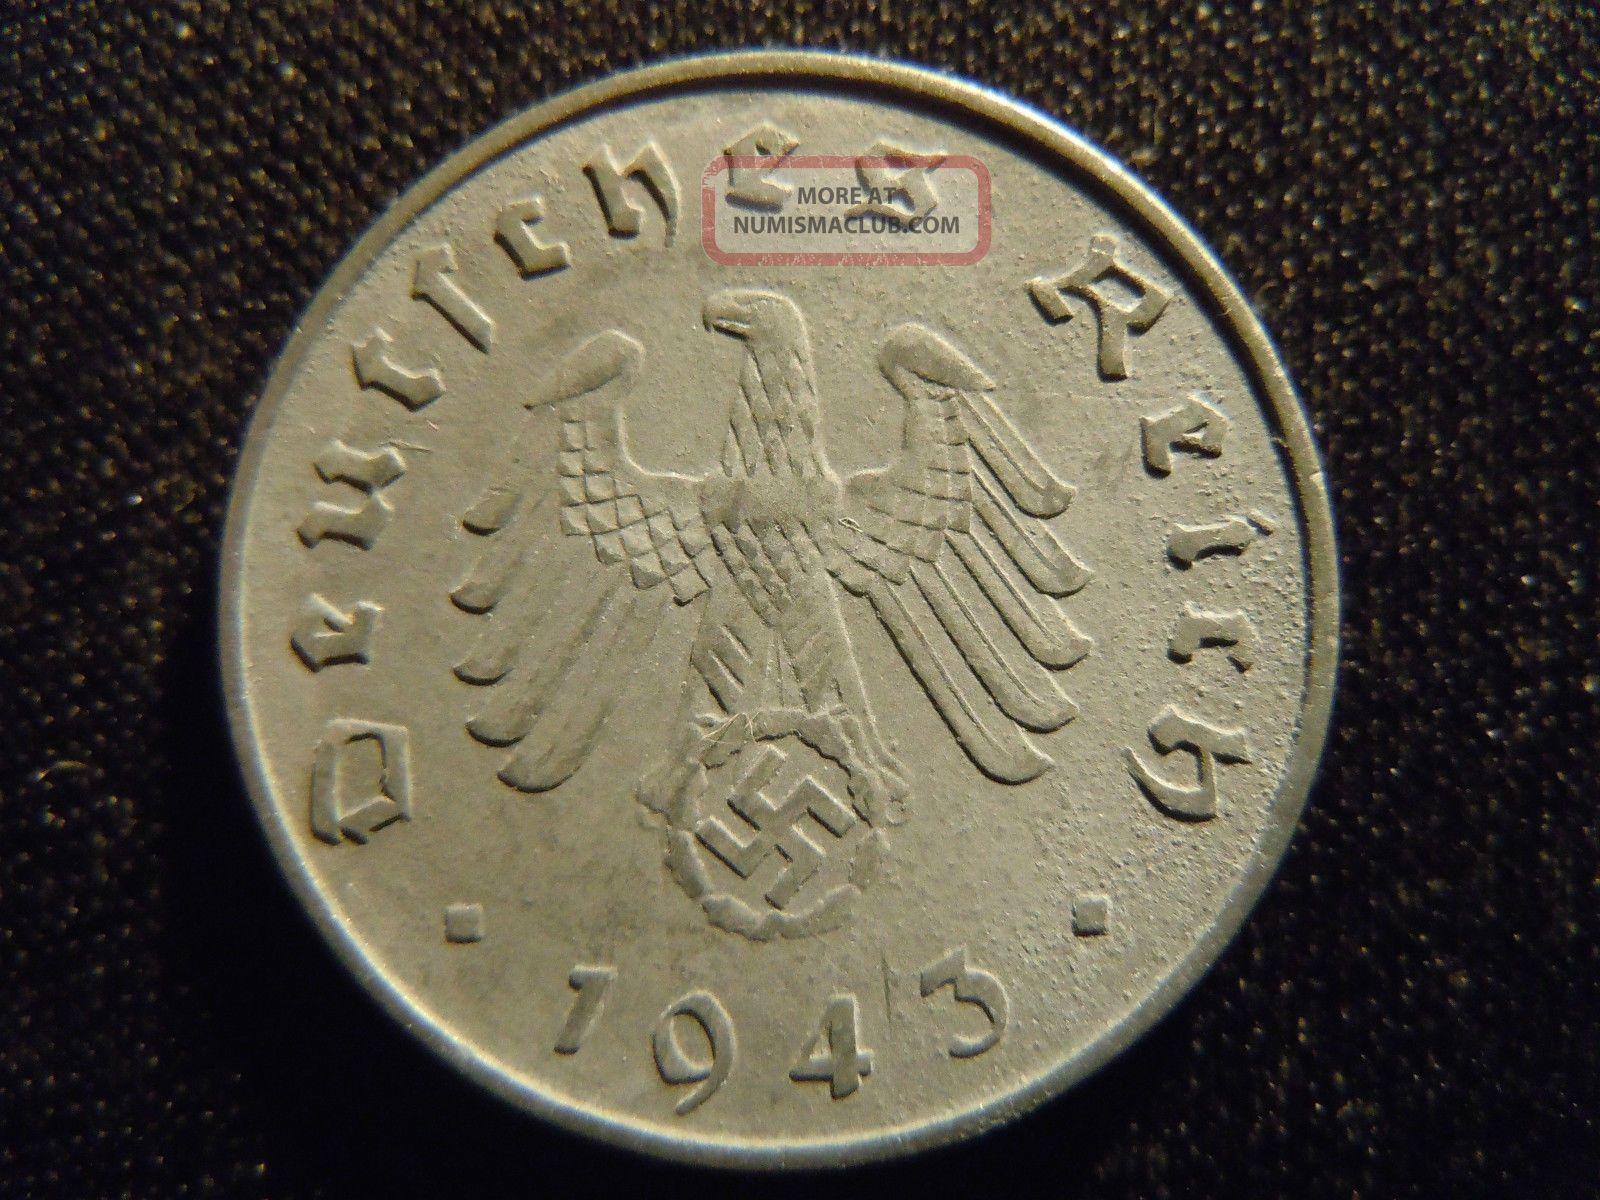 1943 A German Ww2 10 Reichspfennig Germany Nazi Coin Swastika World Ab